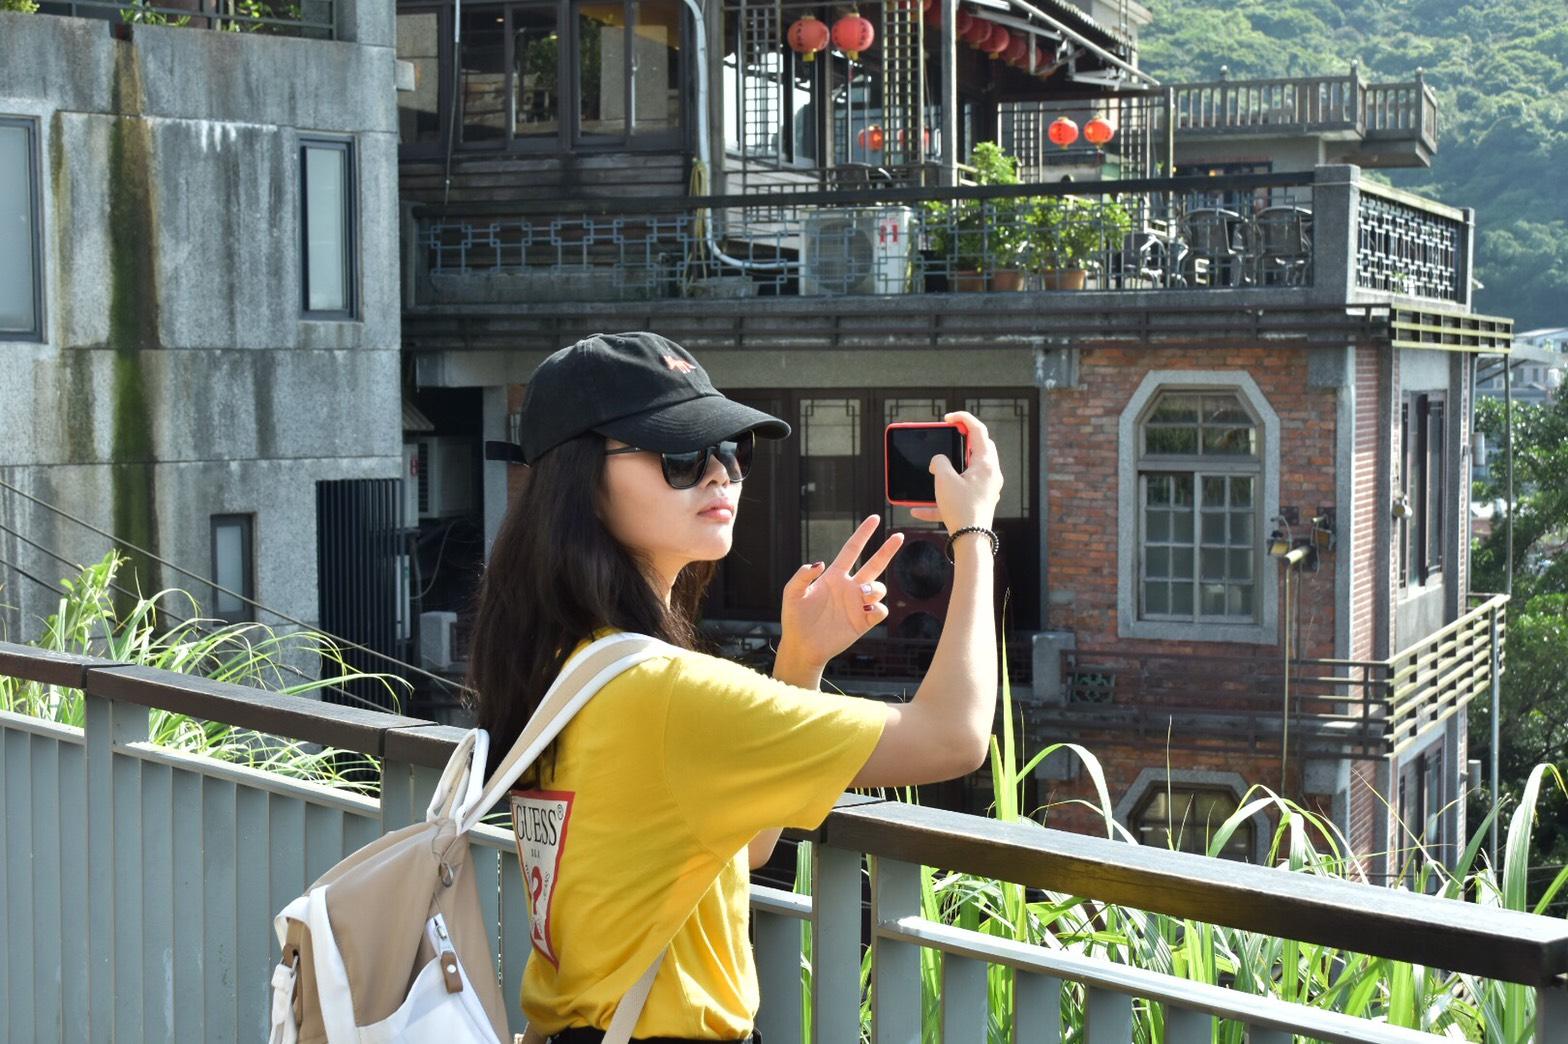 【Taipei Day Tour】A nostalgic trip in Jiufen